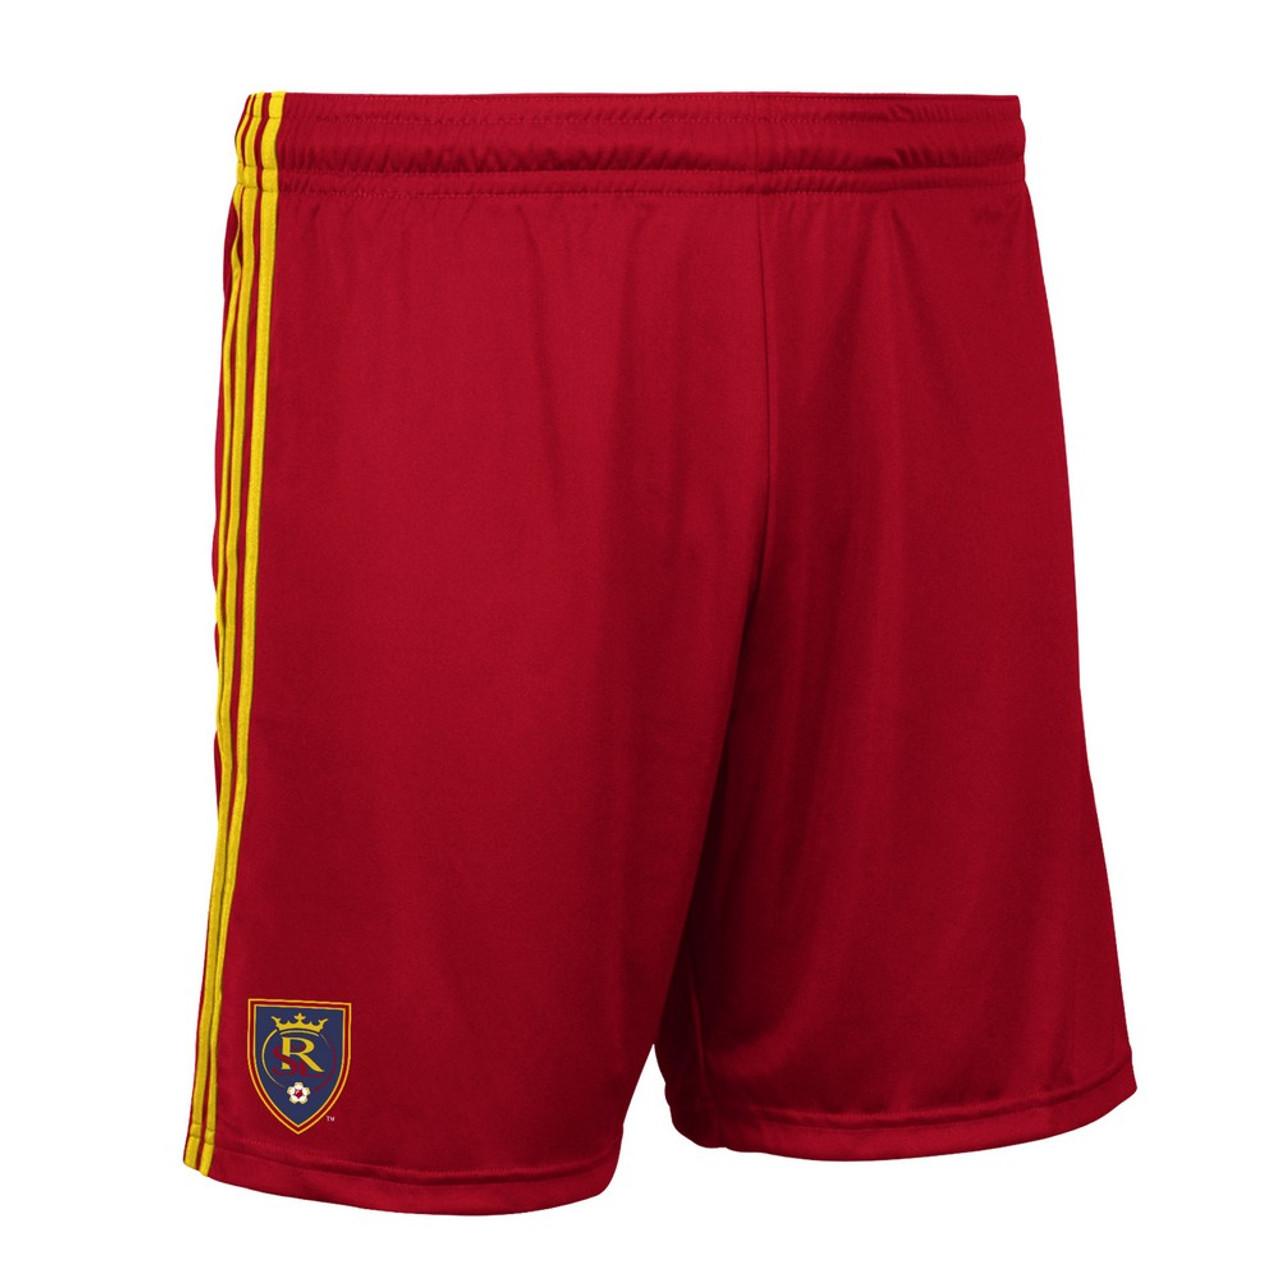 Real Salt Lake Shorts Replica Adidas Soccer Shorts